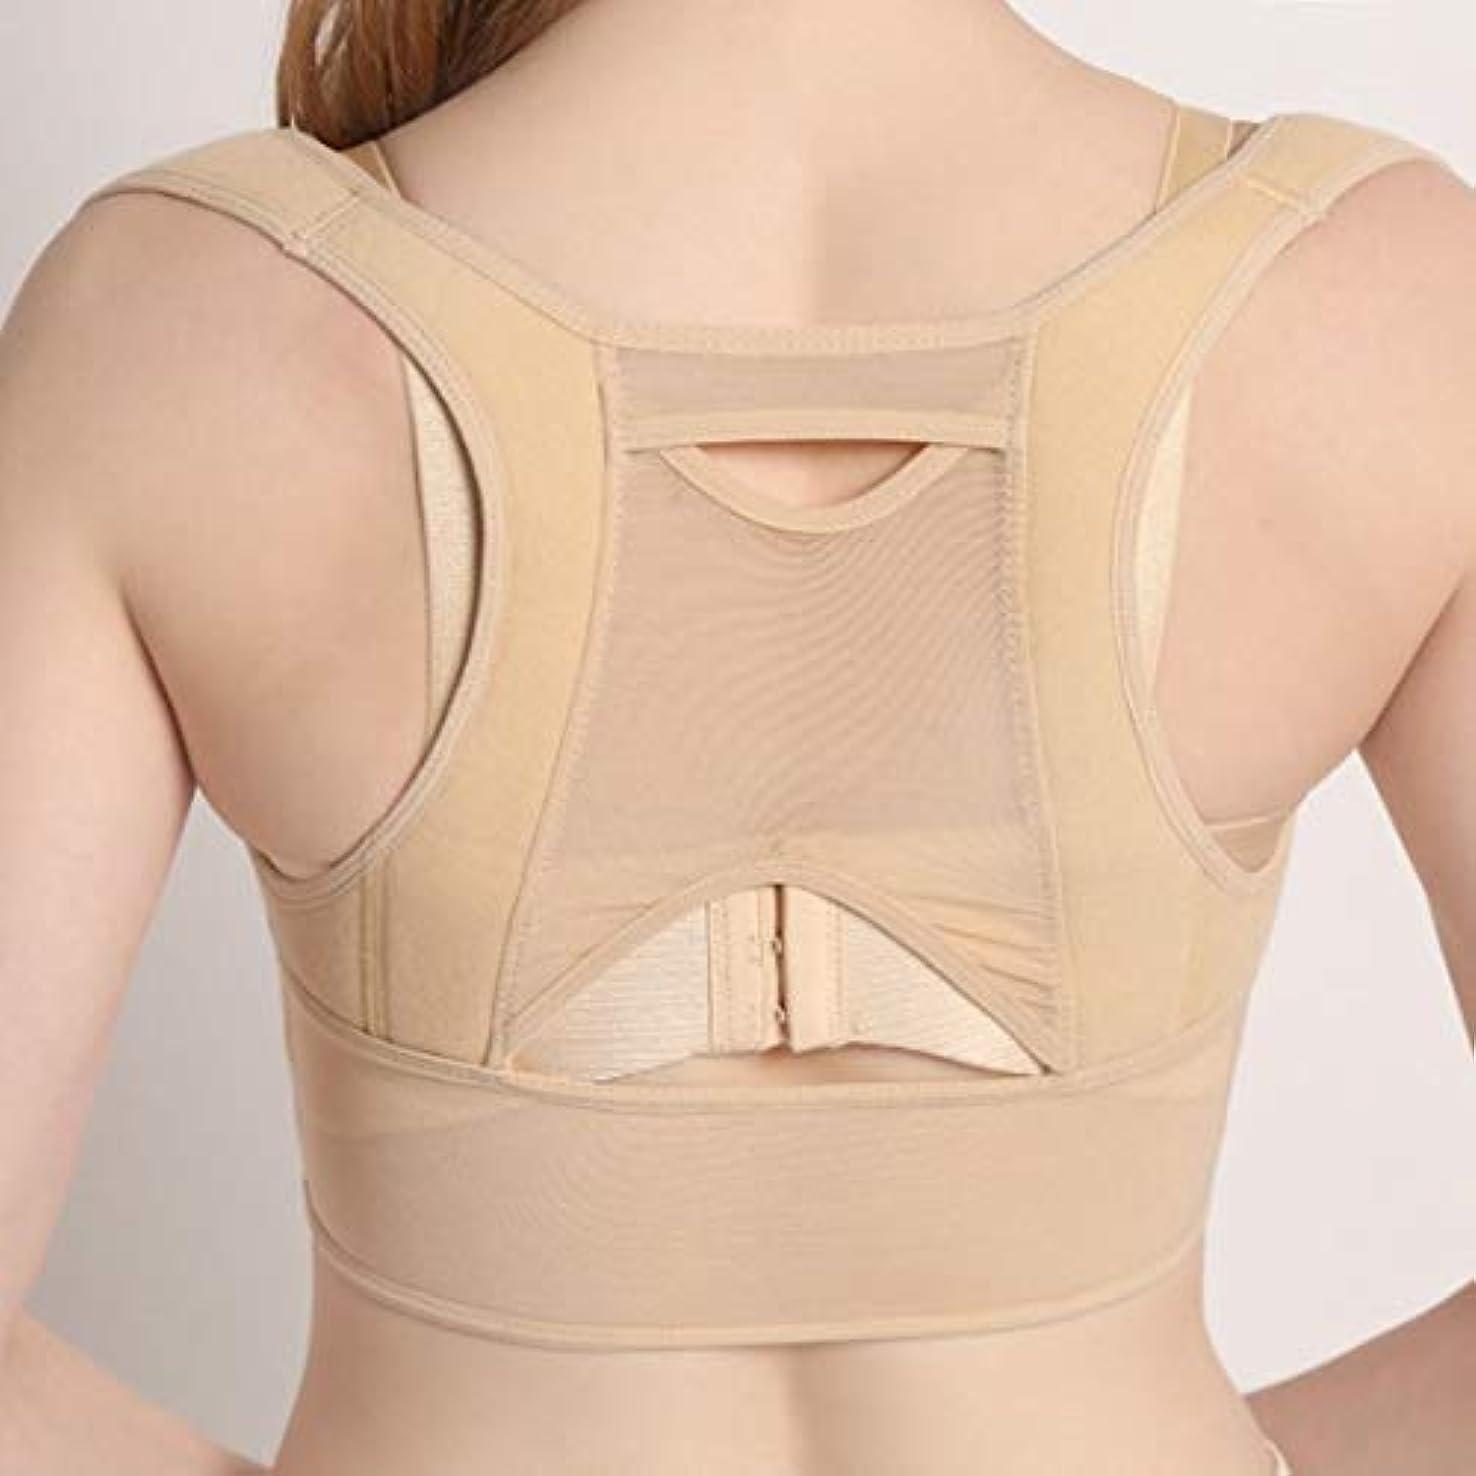 そんなに白い熟す通気性のある女性の背中の姿勢矯正コルセット整形外科の肩の背骨の背骨の姿勢矯正腰椎サポート (Rustle666)